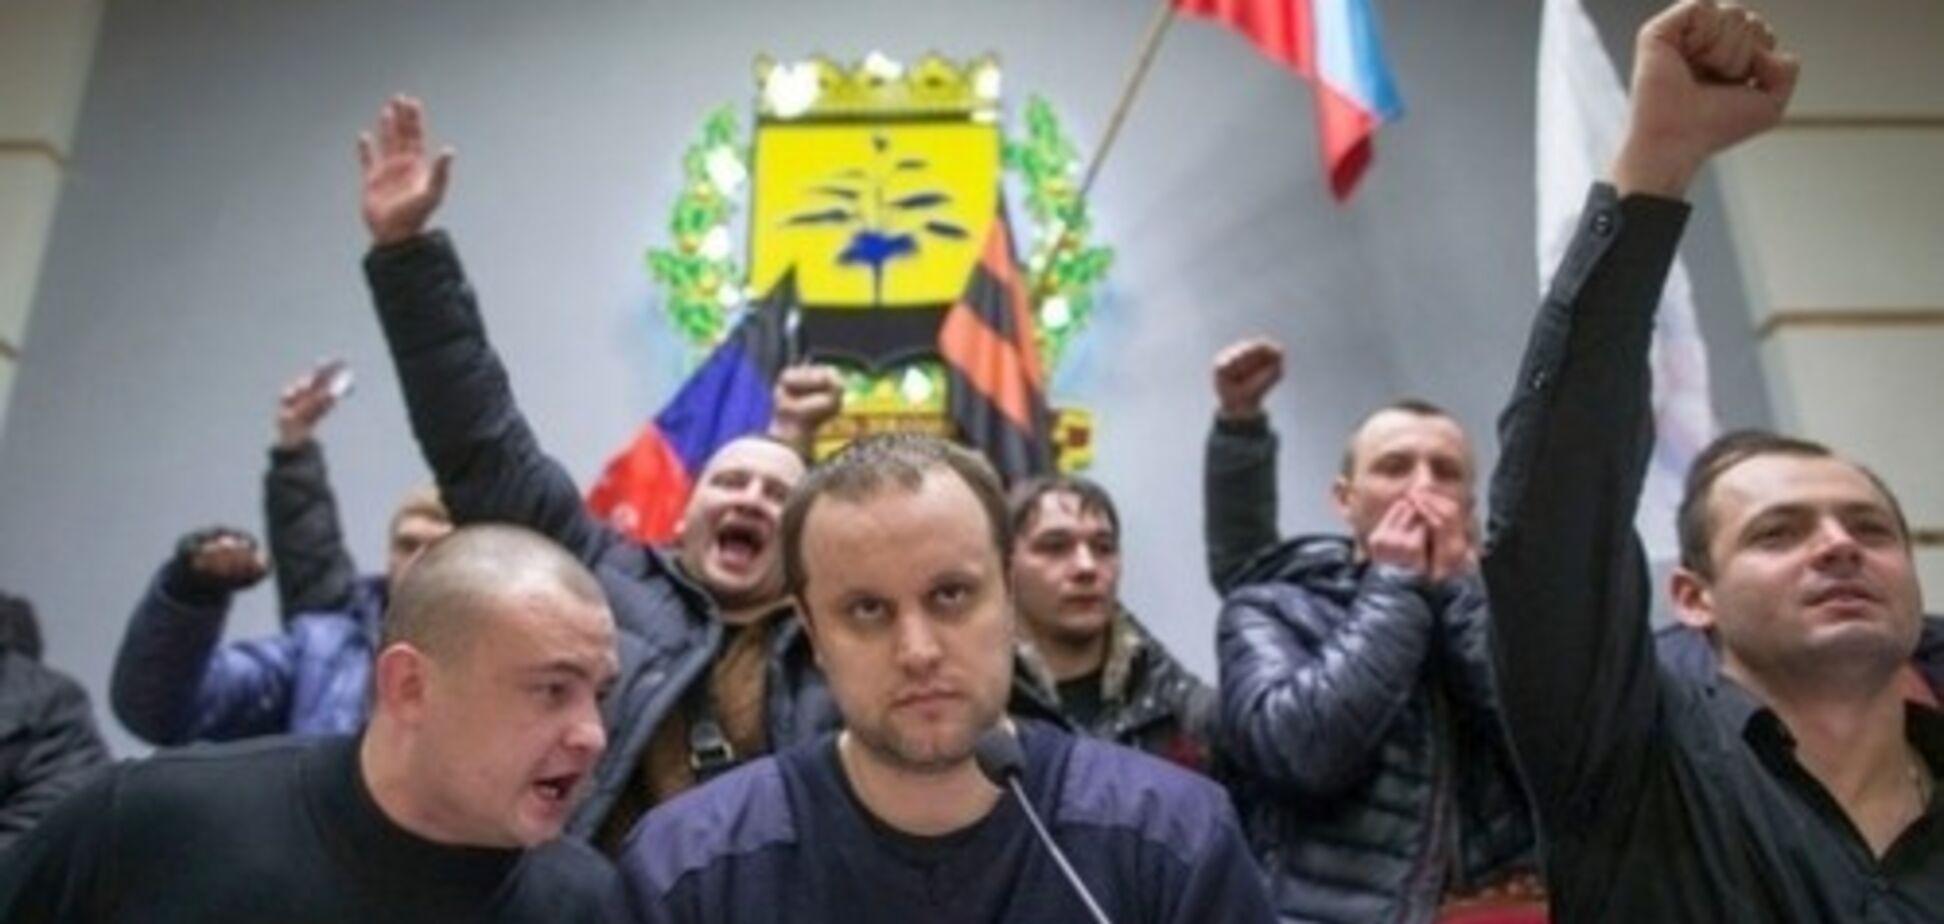 Известного сторонника ''русского мира'' списали в утиль